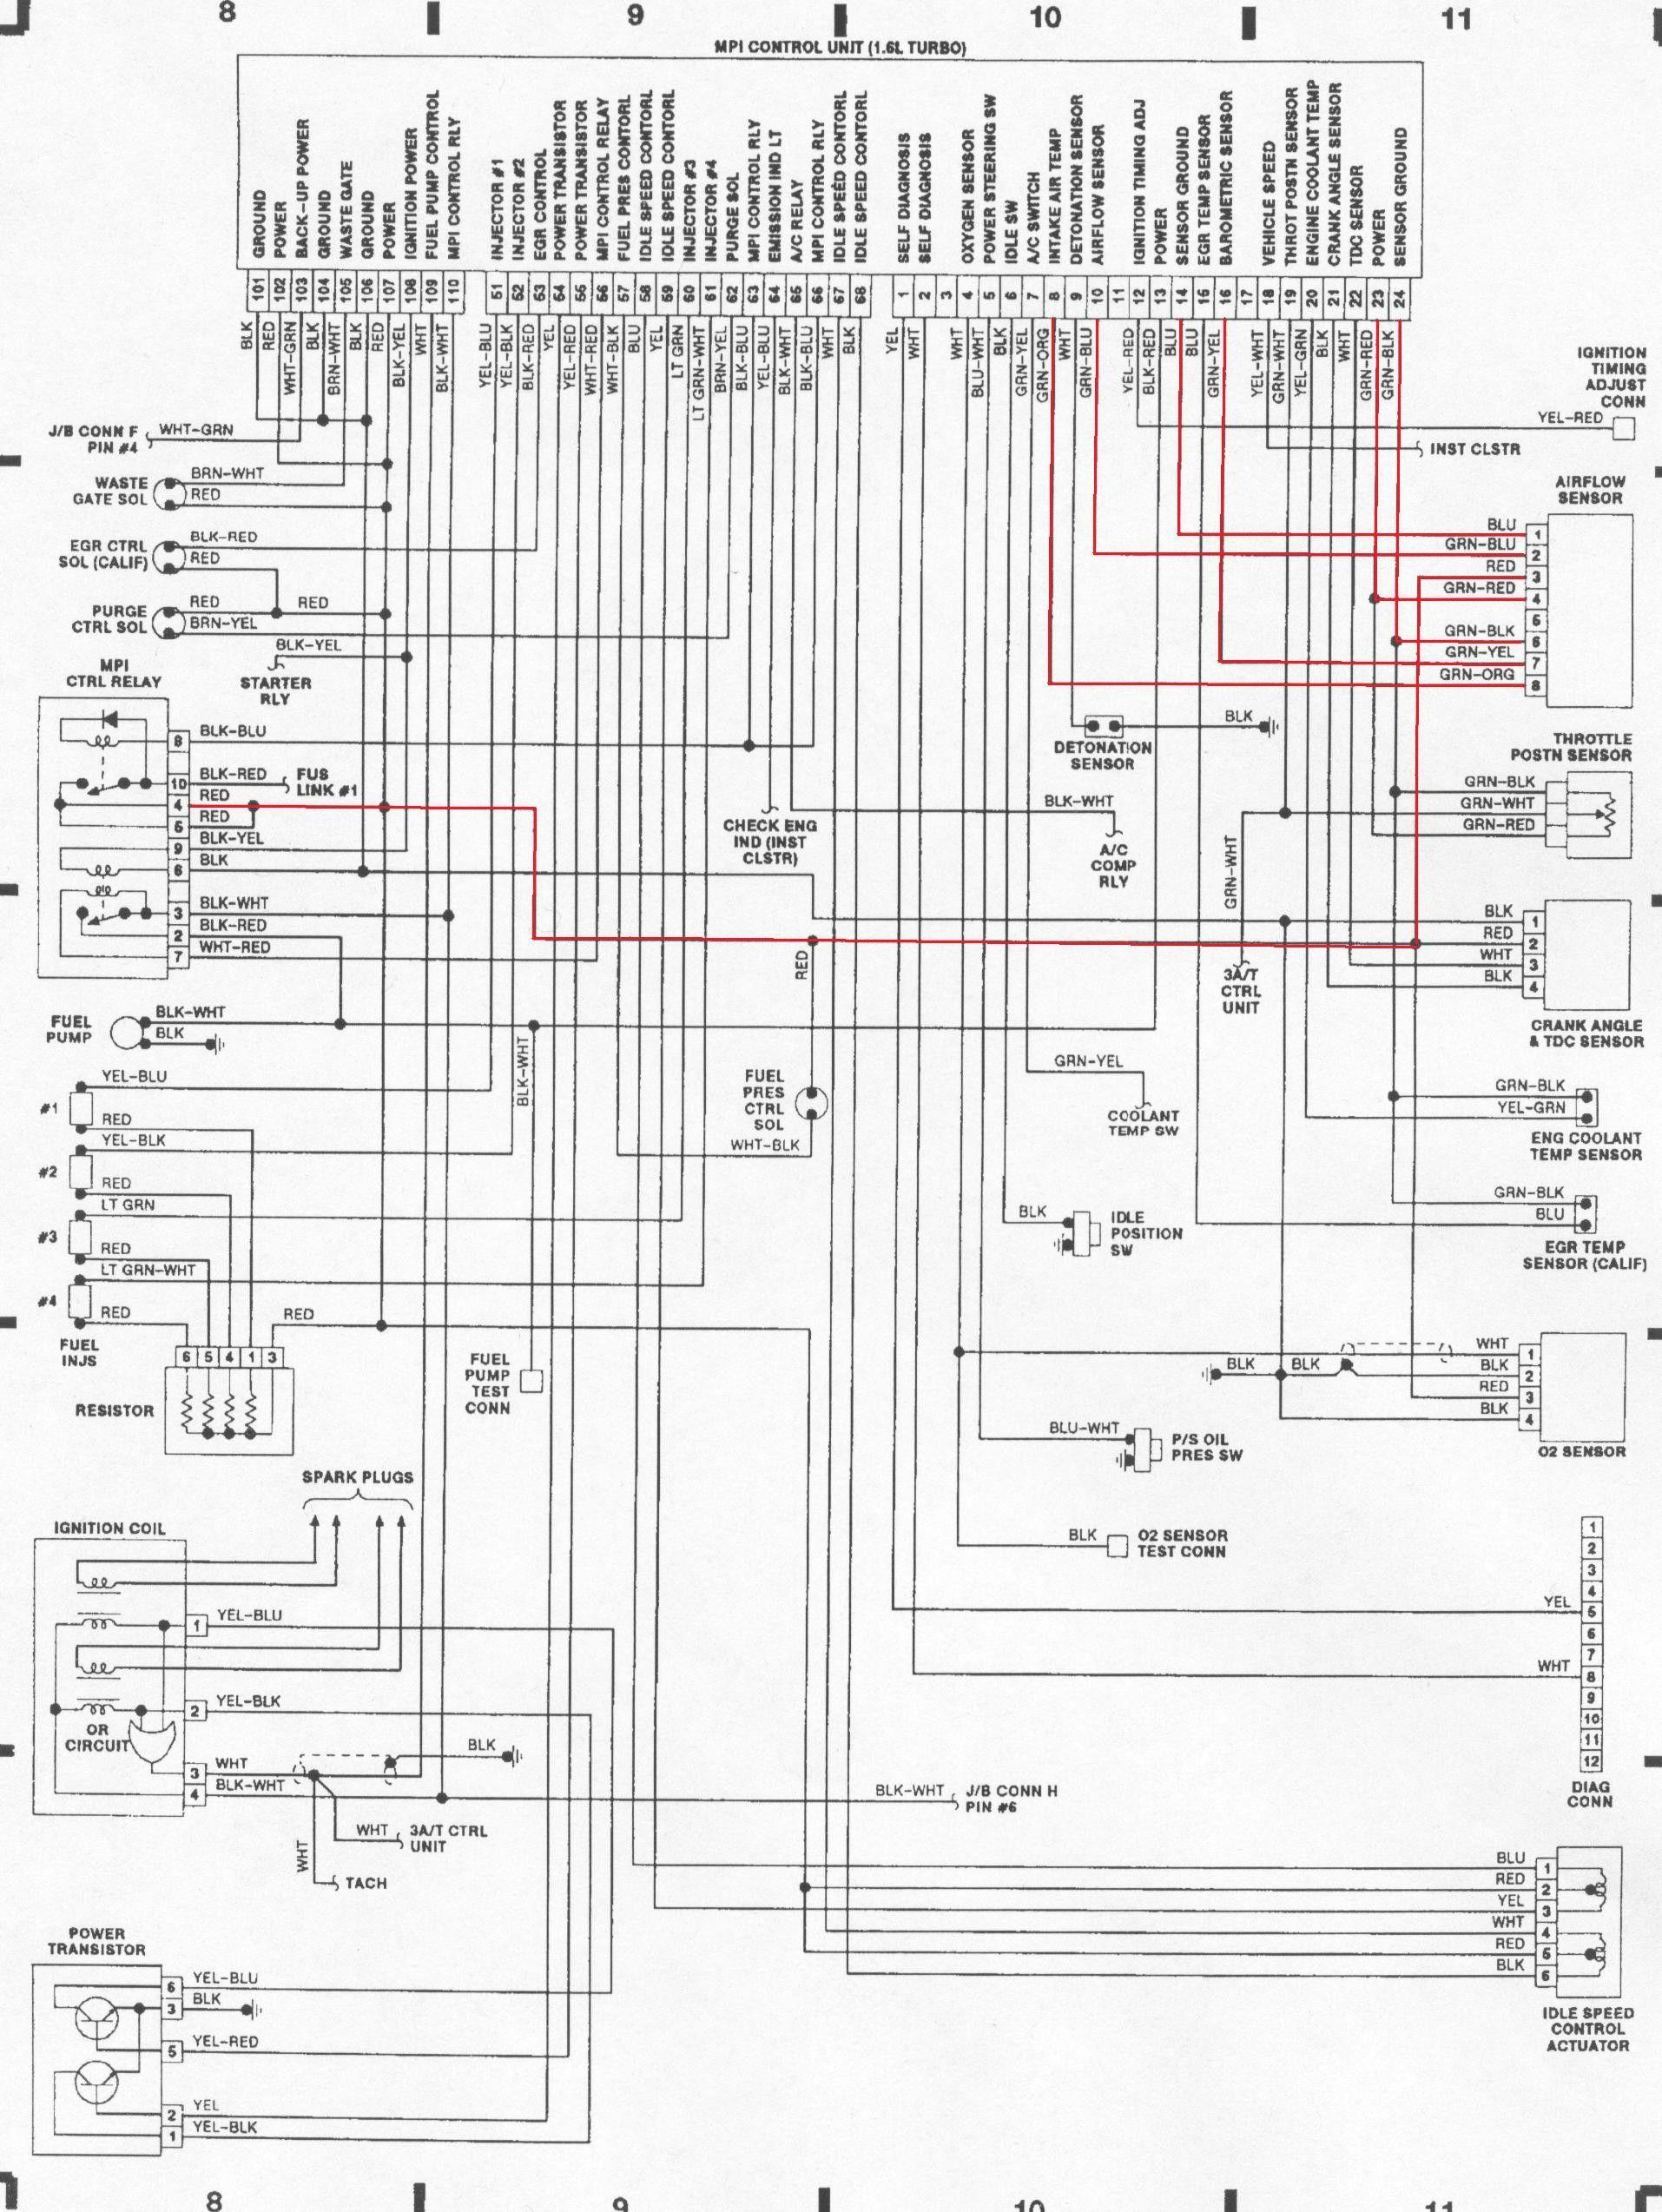 Engine Wiring Diagram Pdf In 2020 Mitsubishi Mirage Mitsubishi Vw Super Beetle